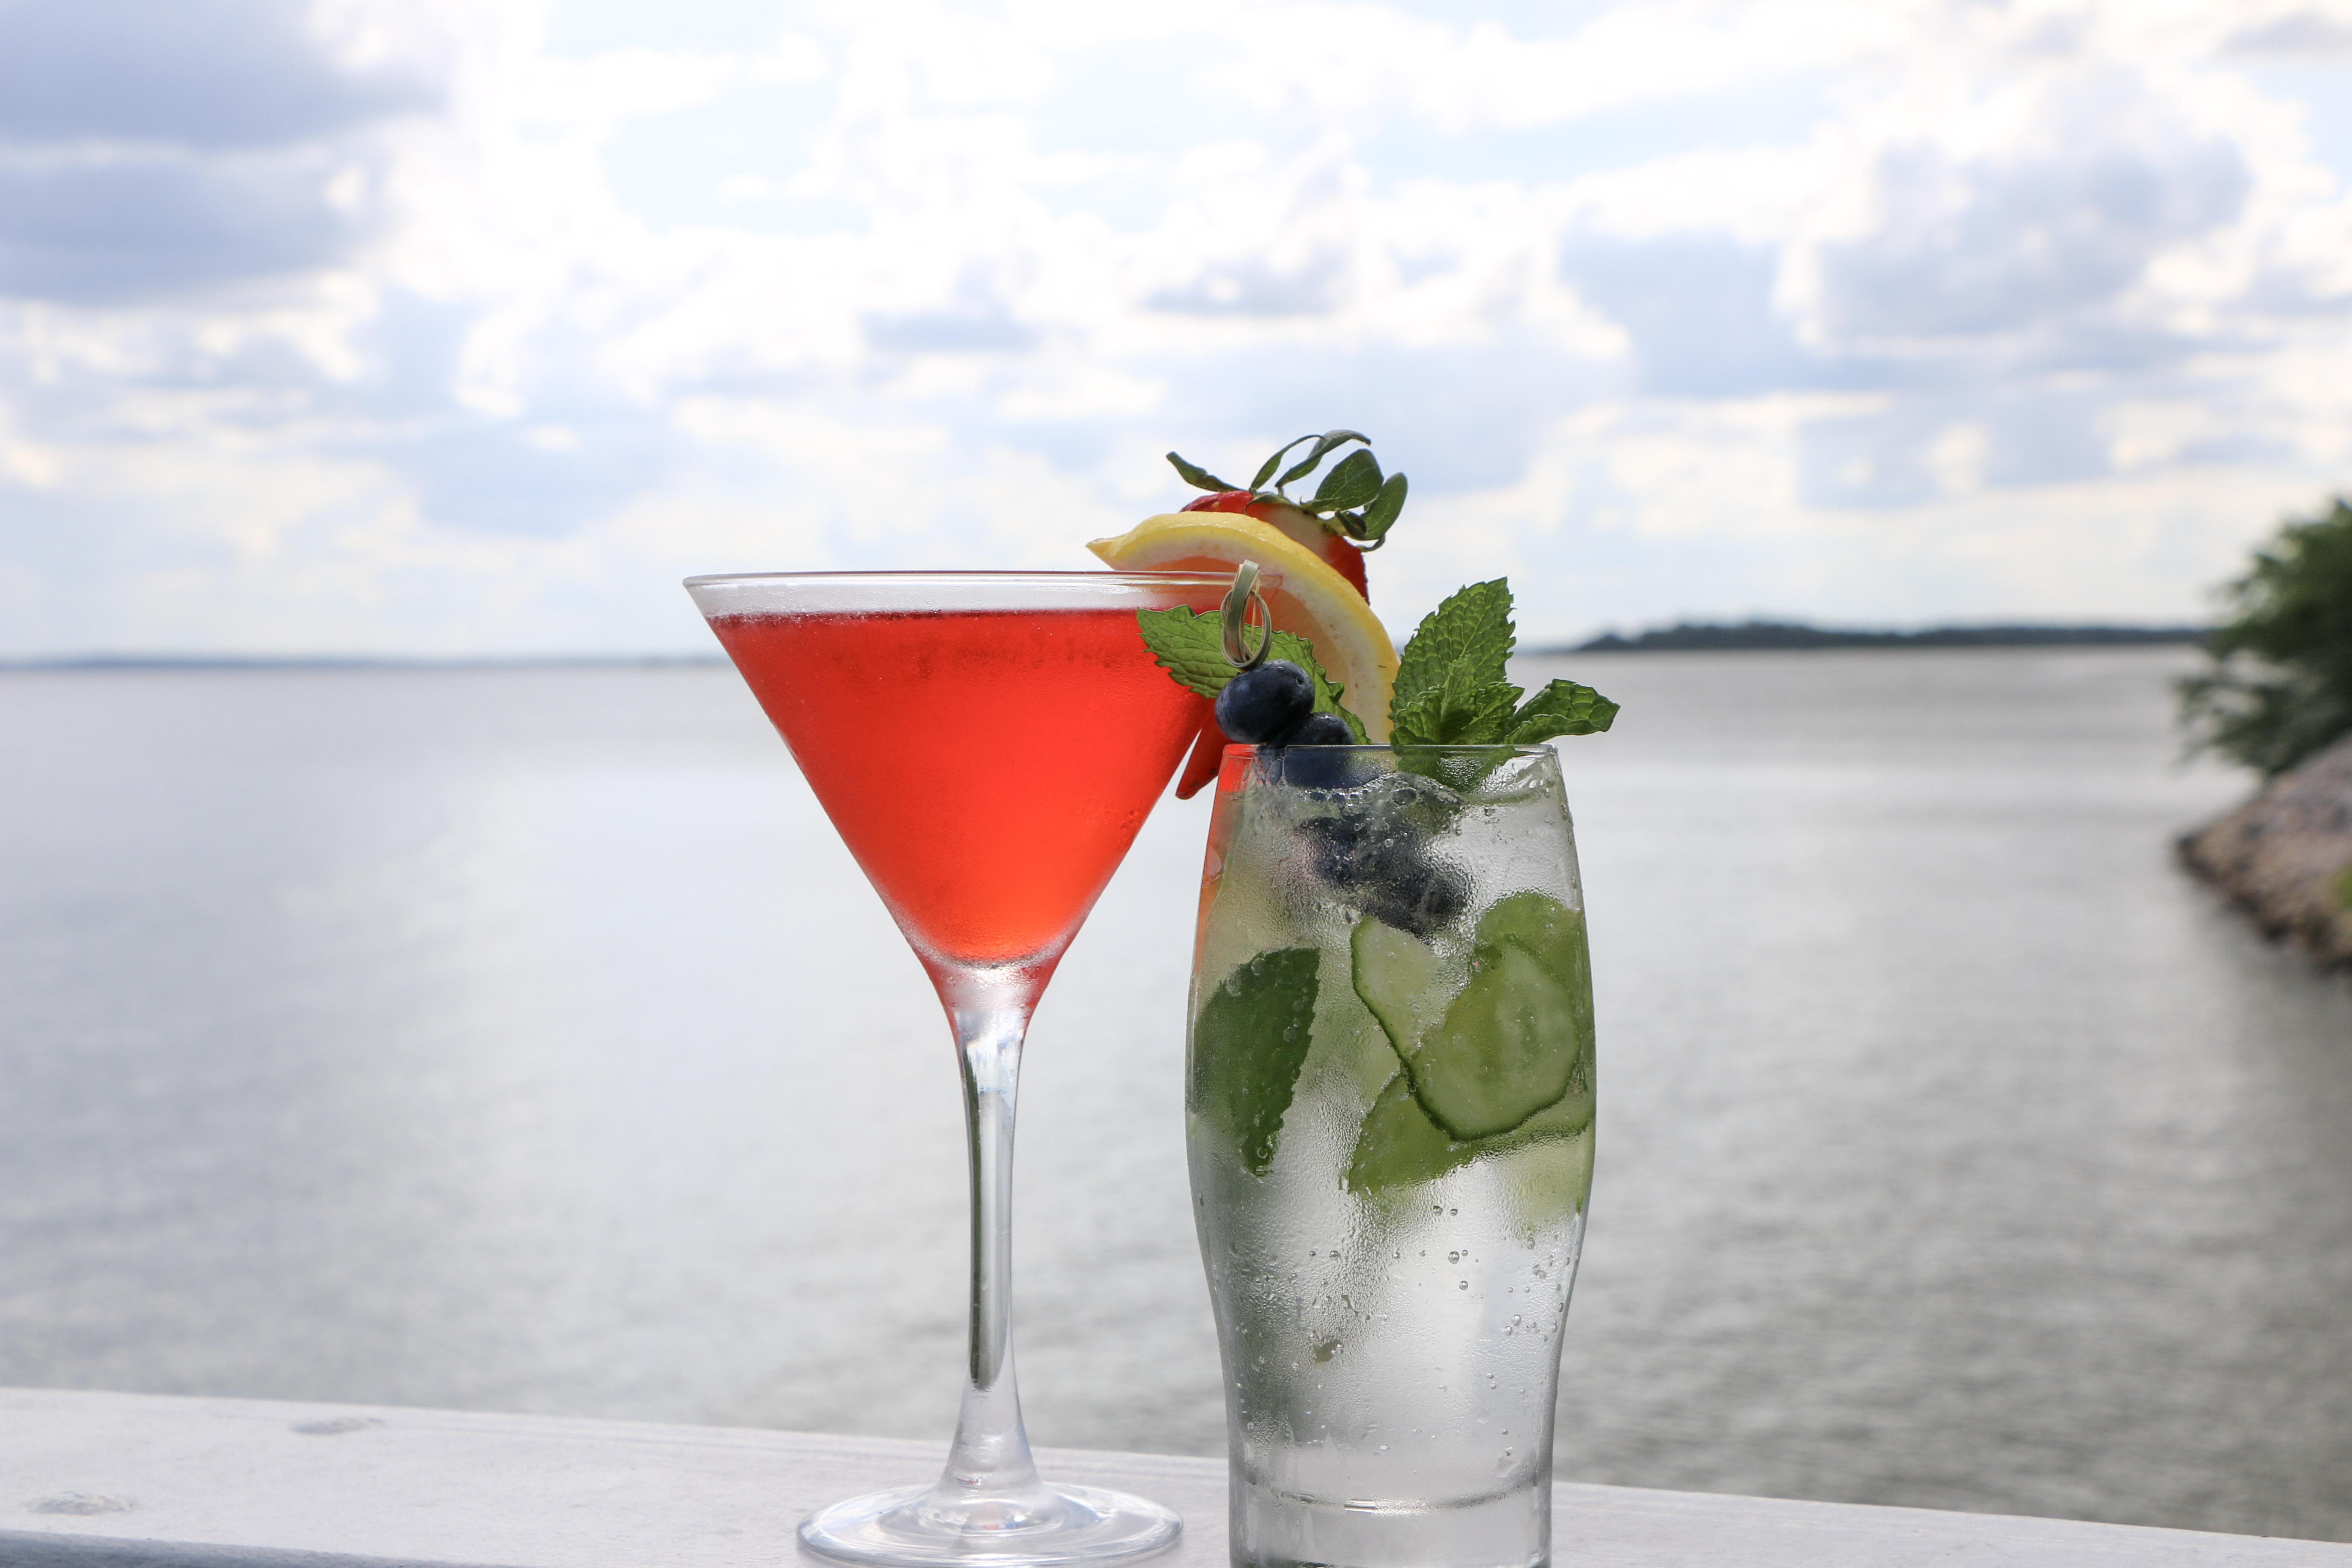 Weekend JLG cocktails